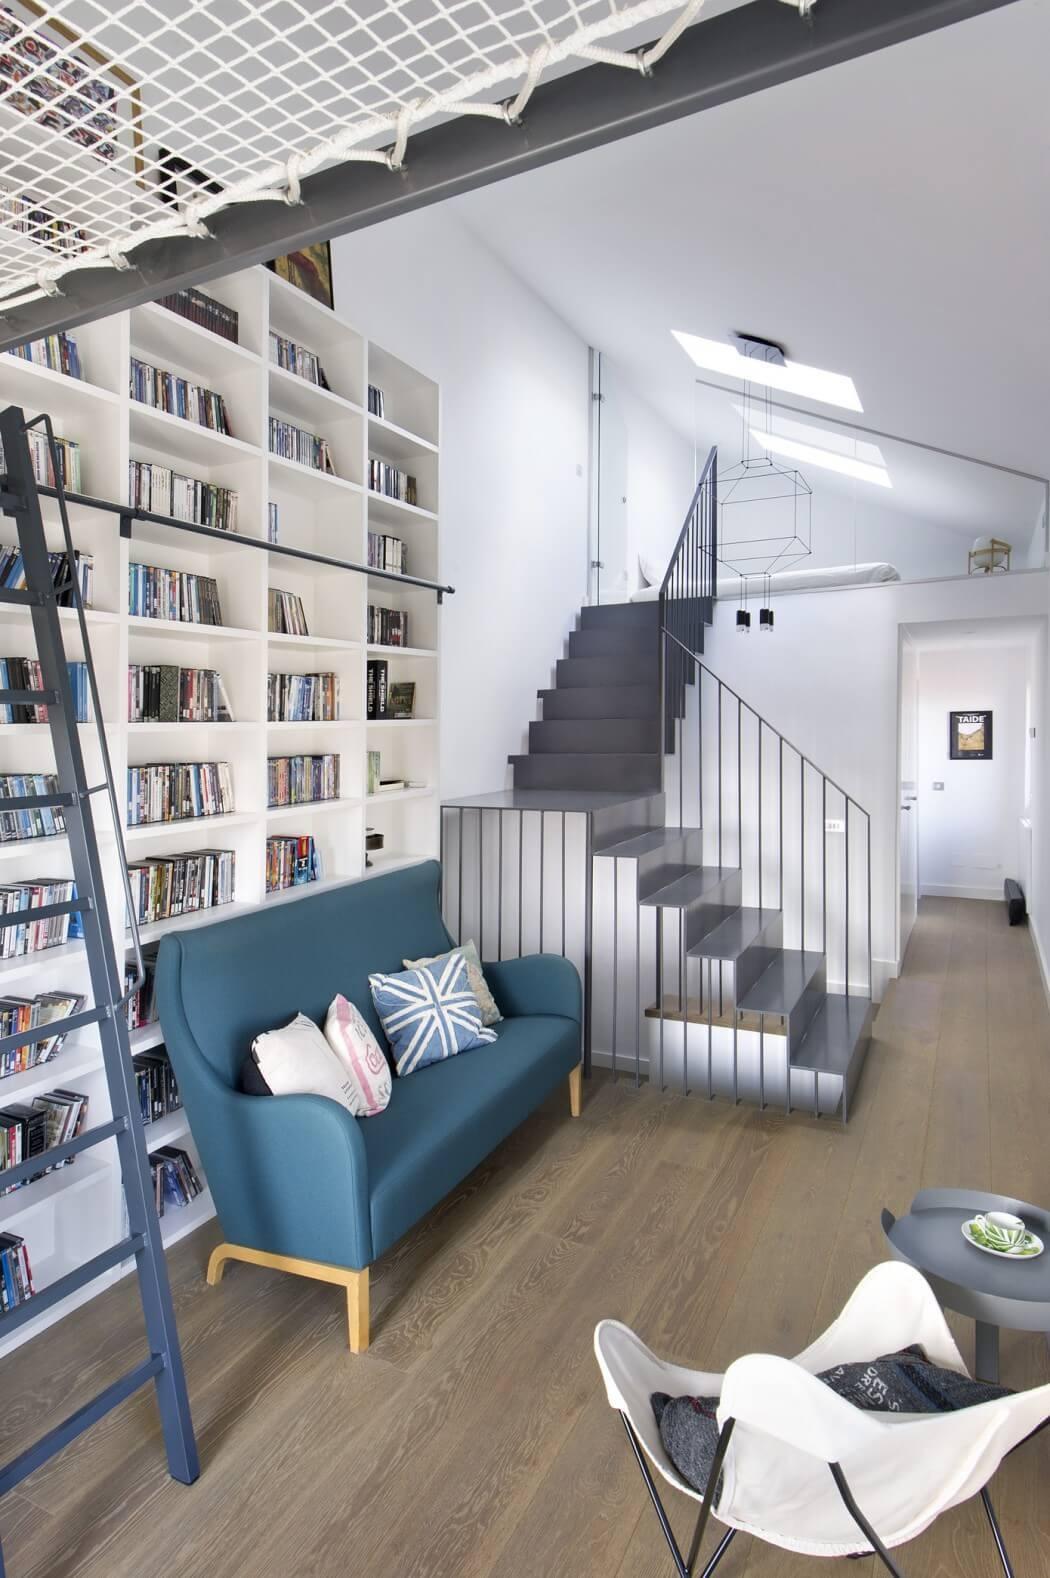 Dom pre milovníkov kníh